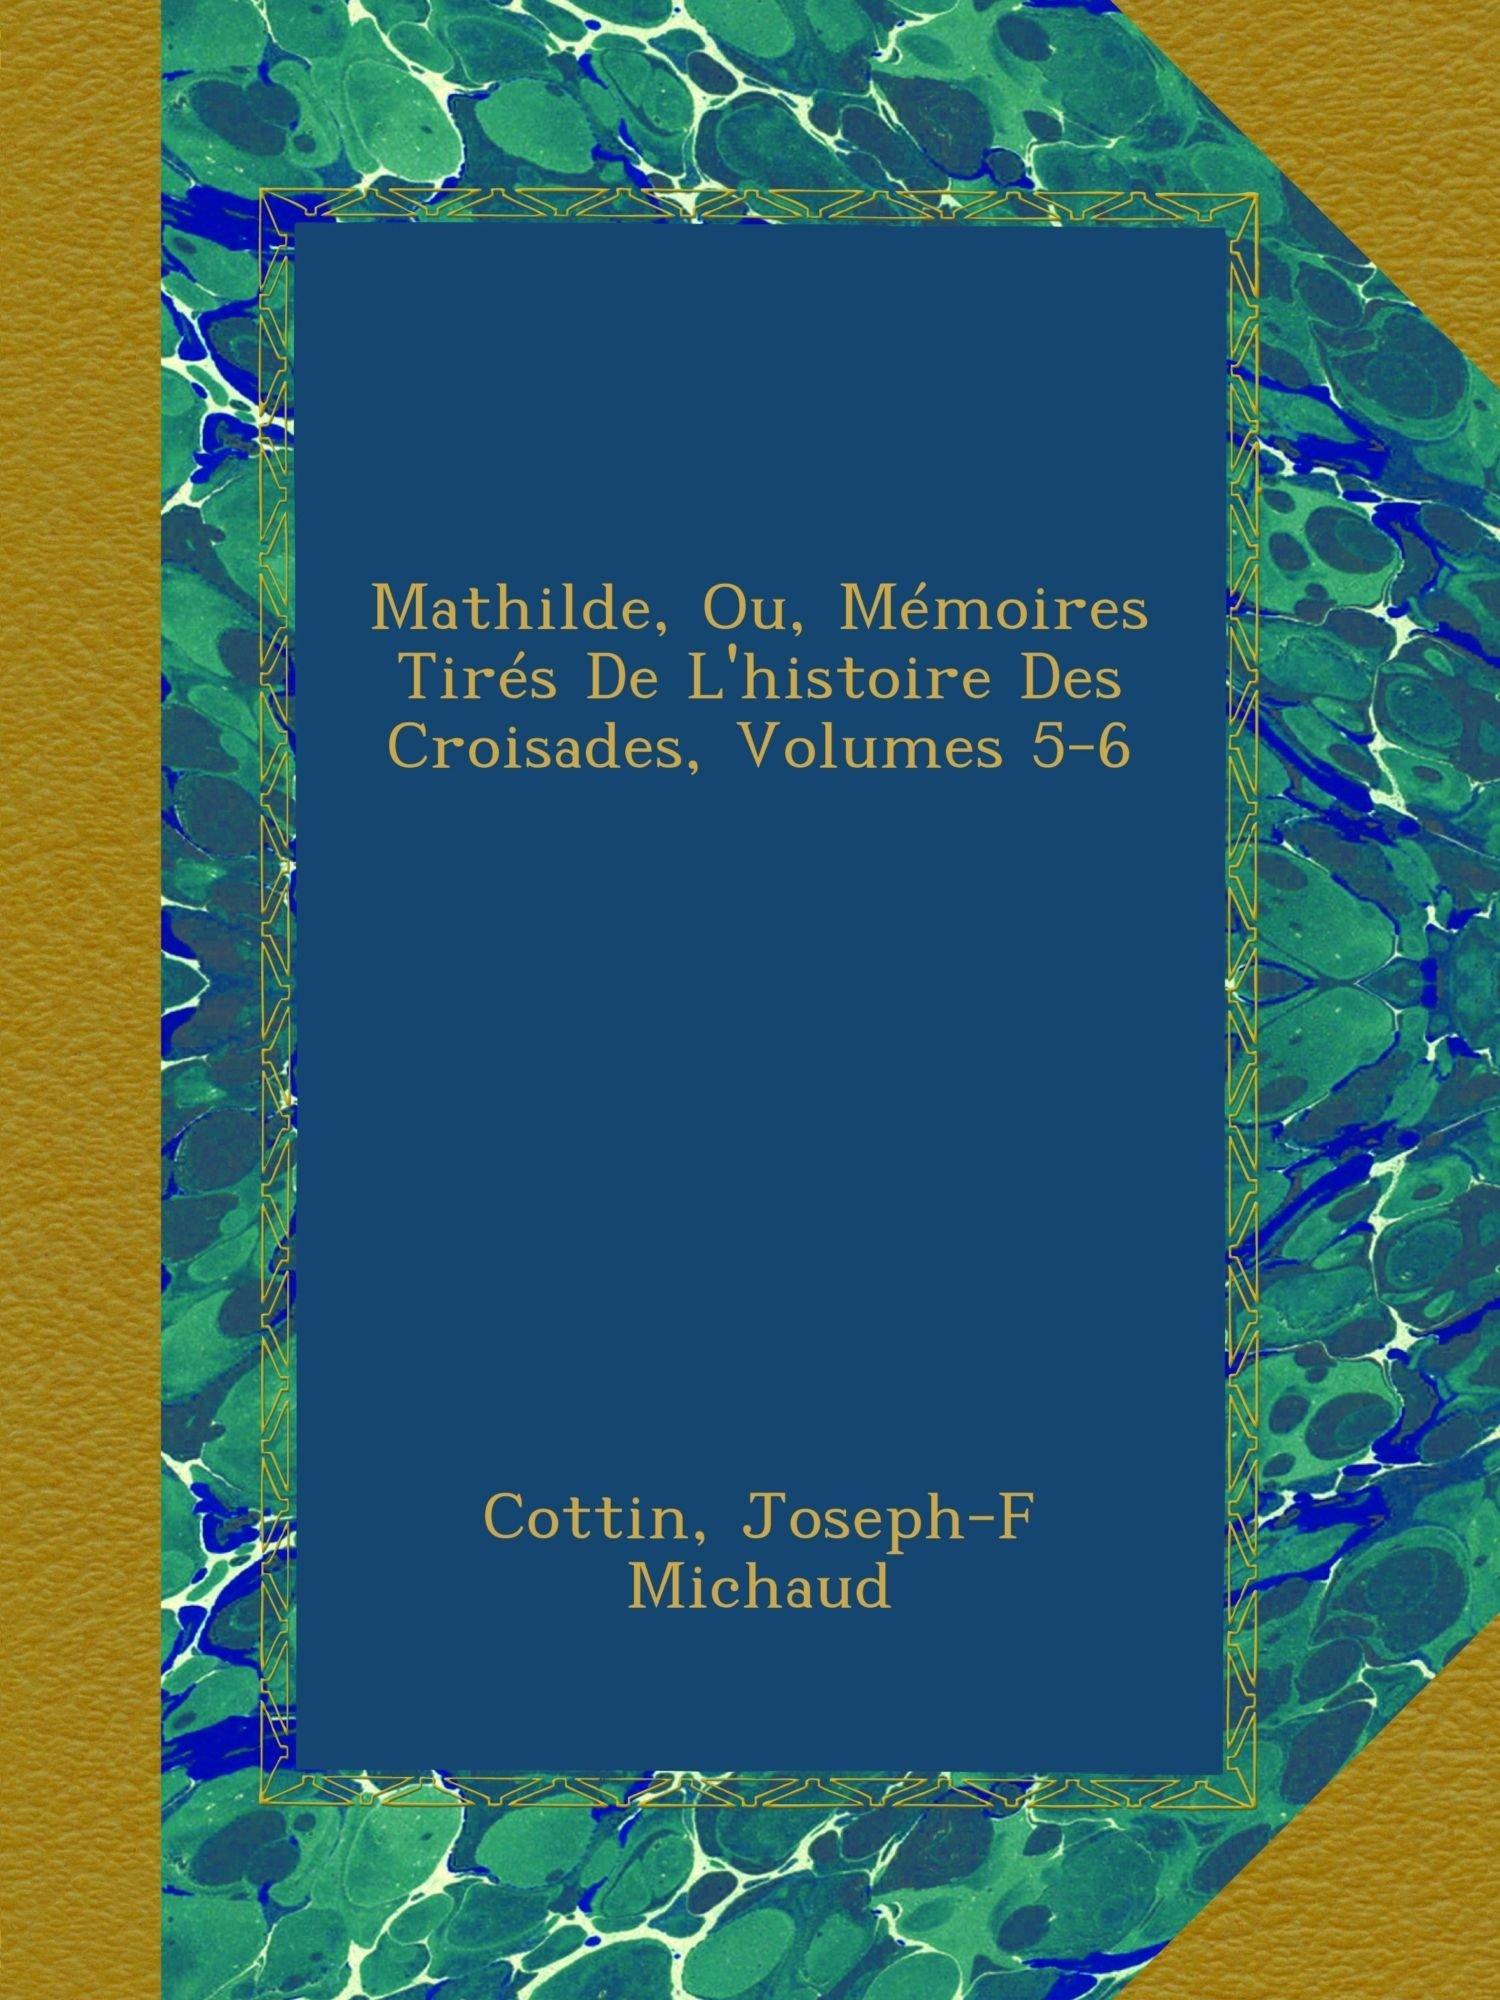 Mathilde, Ou, Mémoires Tirés De L'histoire Des Croisades, Volumes 5-6 (French Edition) ebook